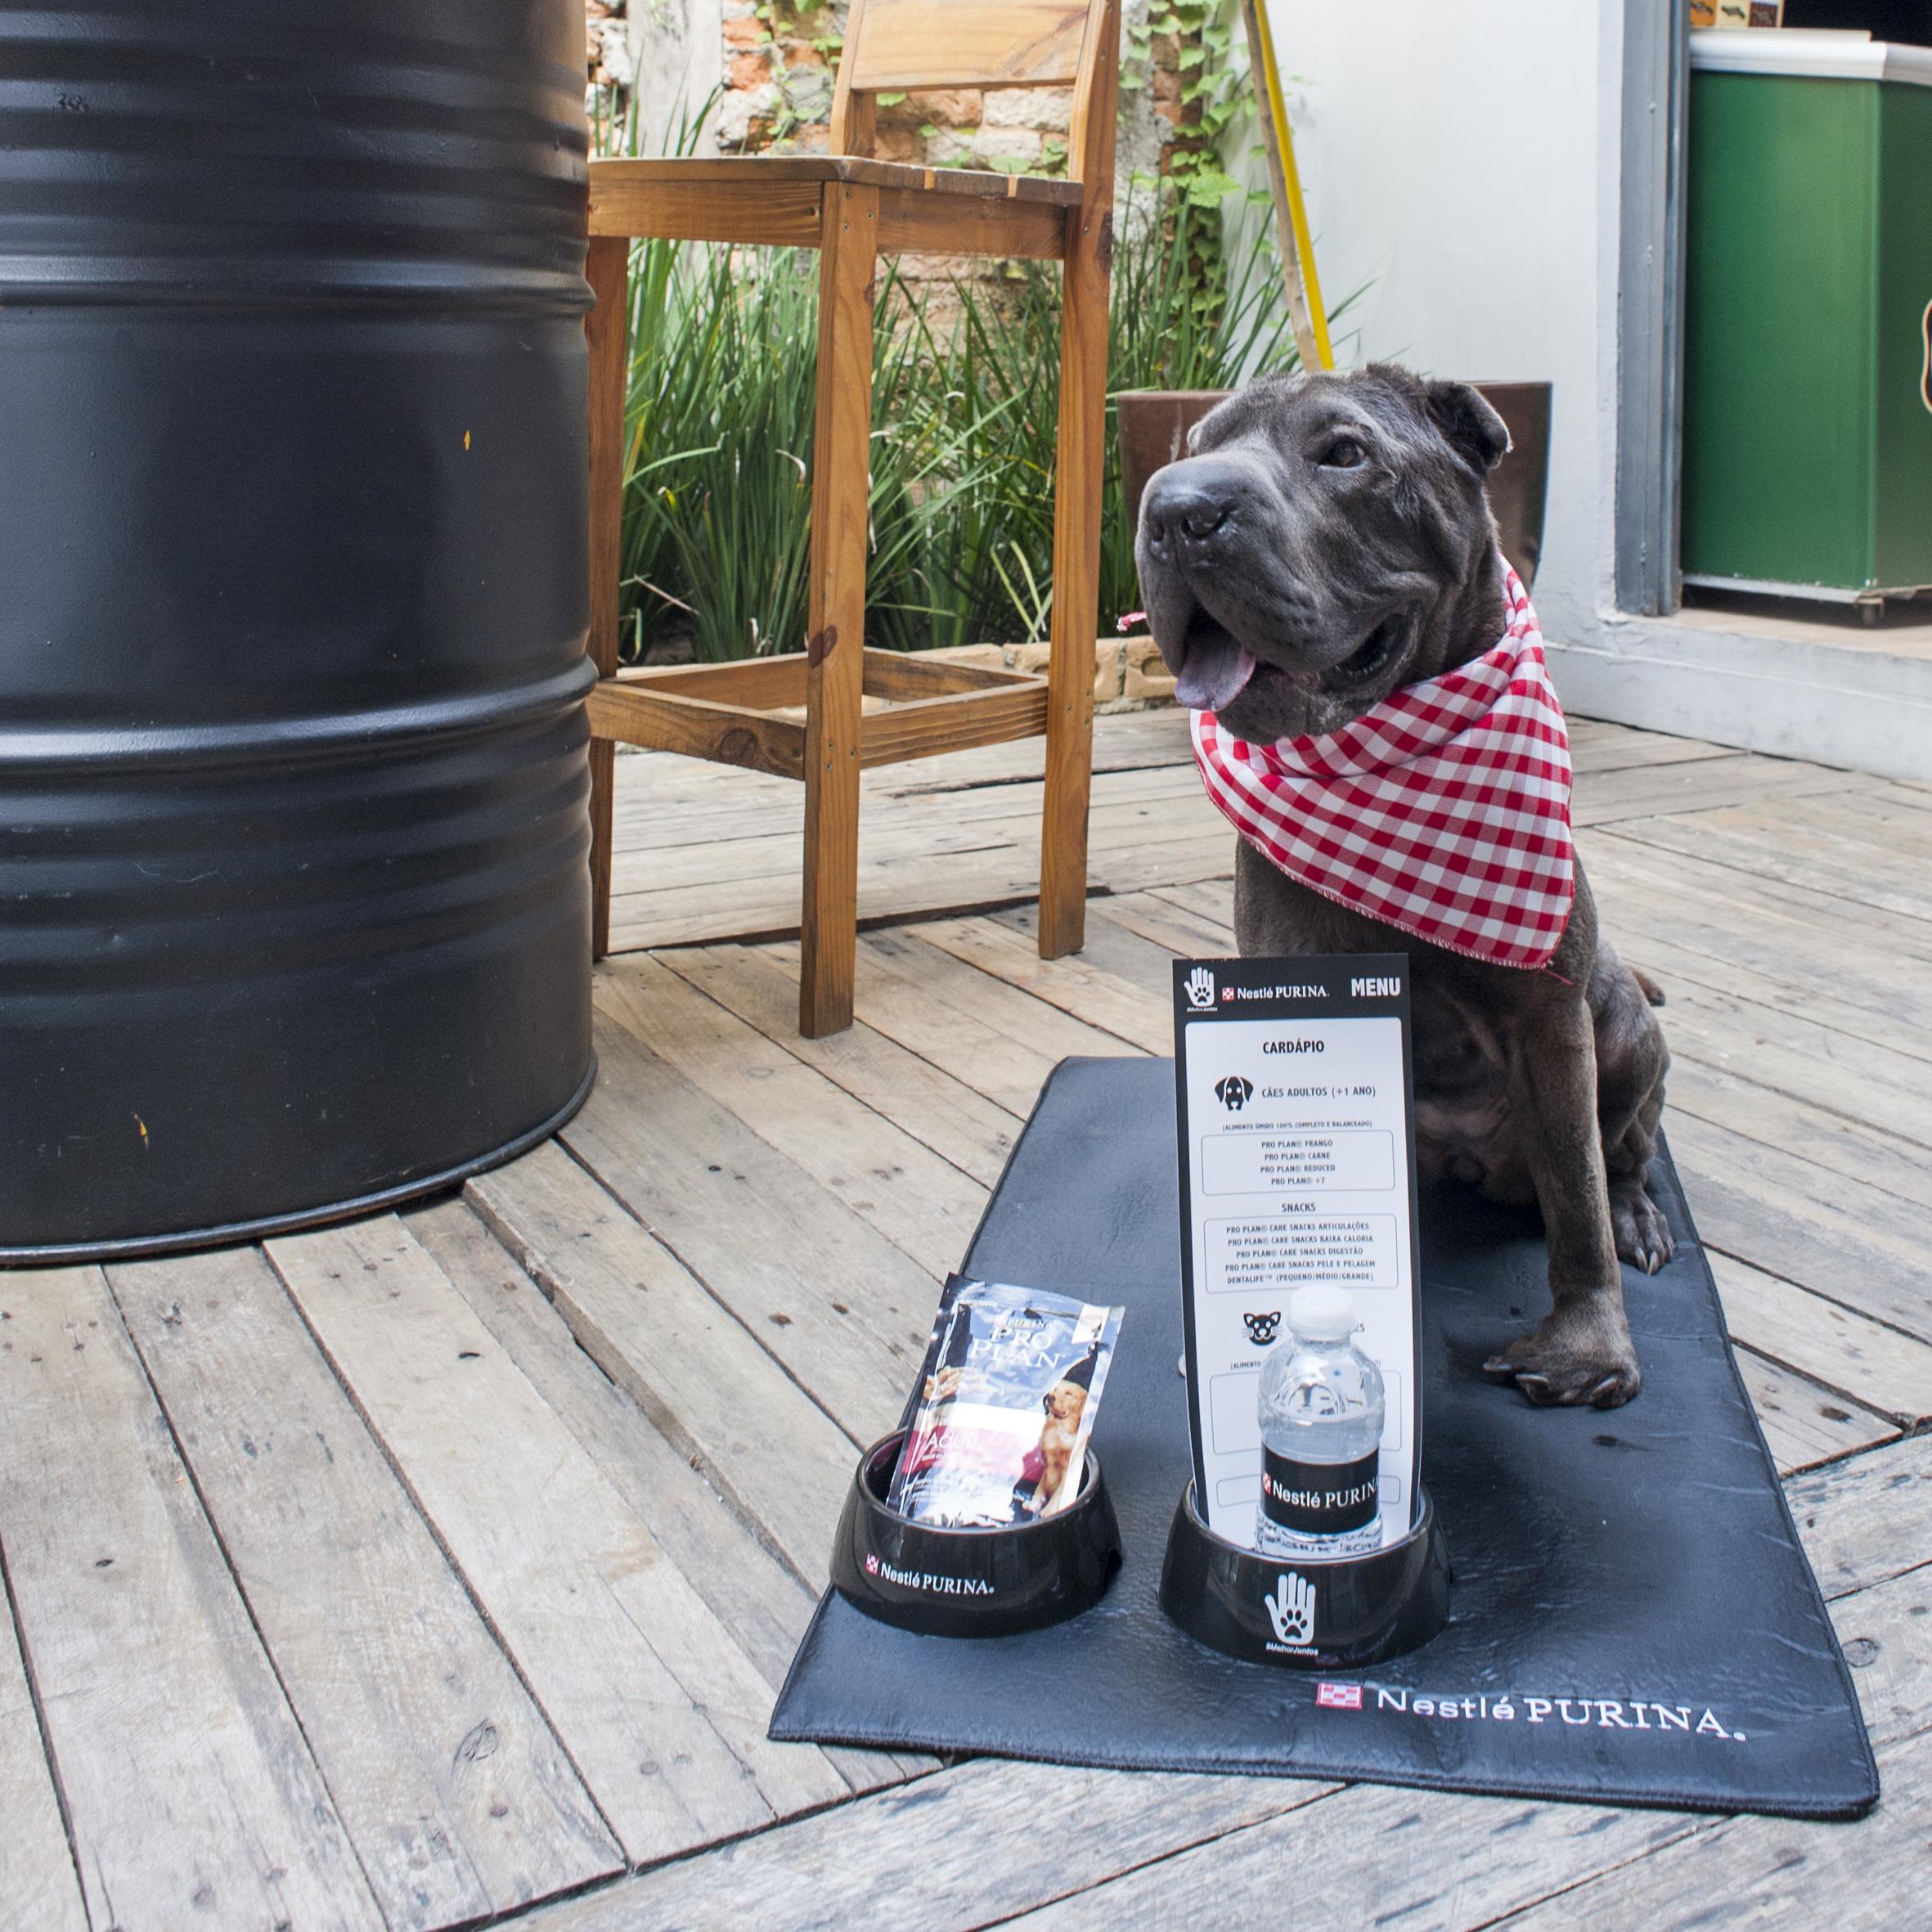 cachorro sentado com comedouro, água e comida